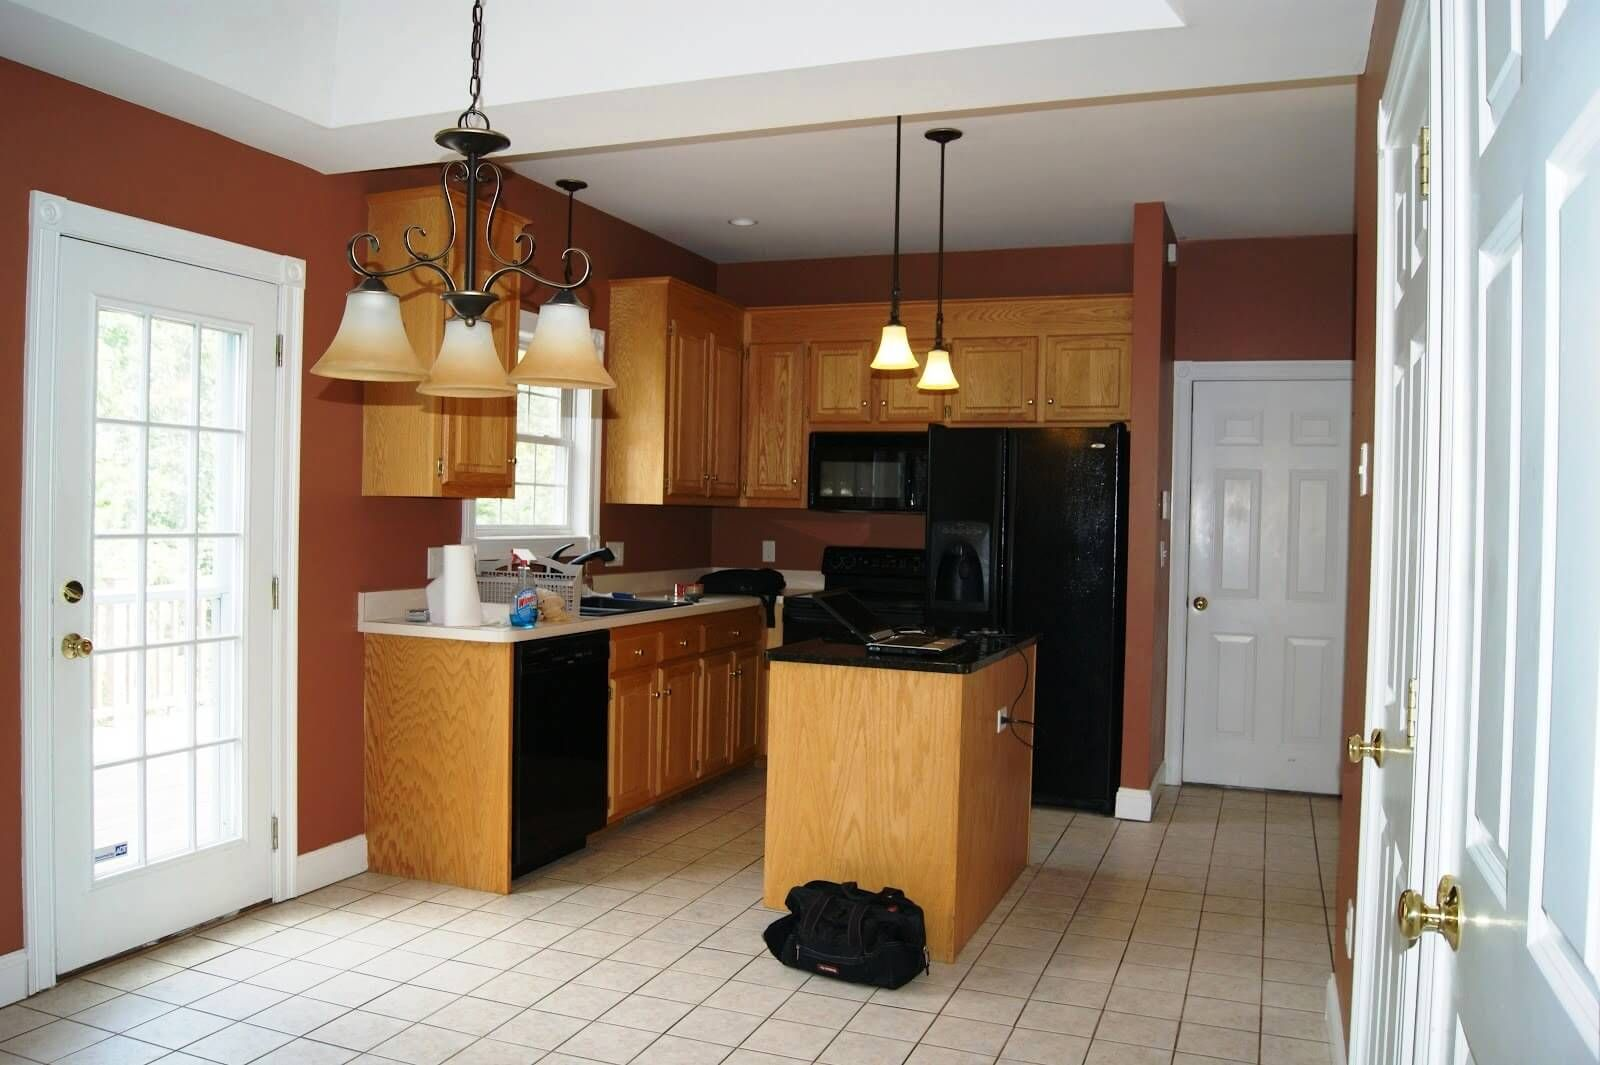 Badezimmer ideen gelb und grau herrliche alte küchenschränke  gelb rot blau weiß grün und grau